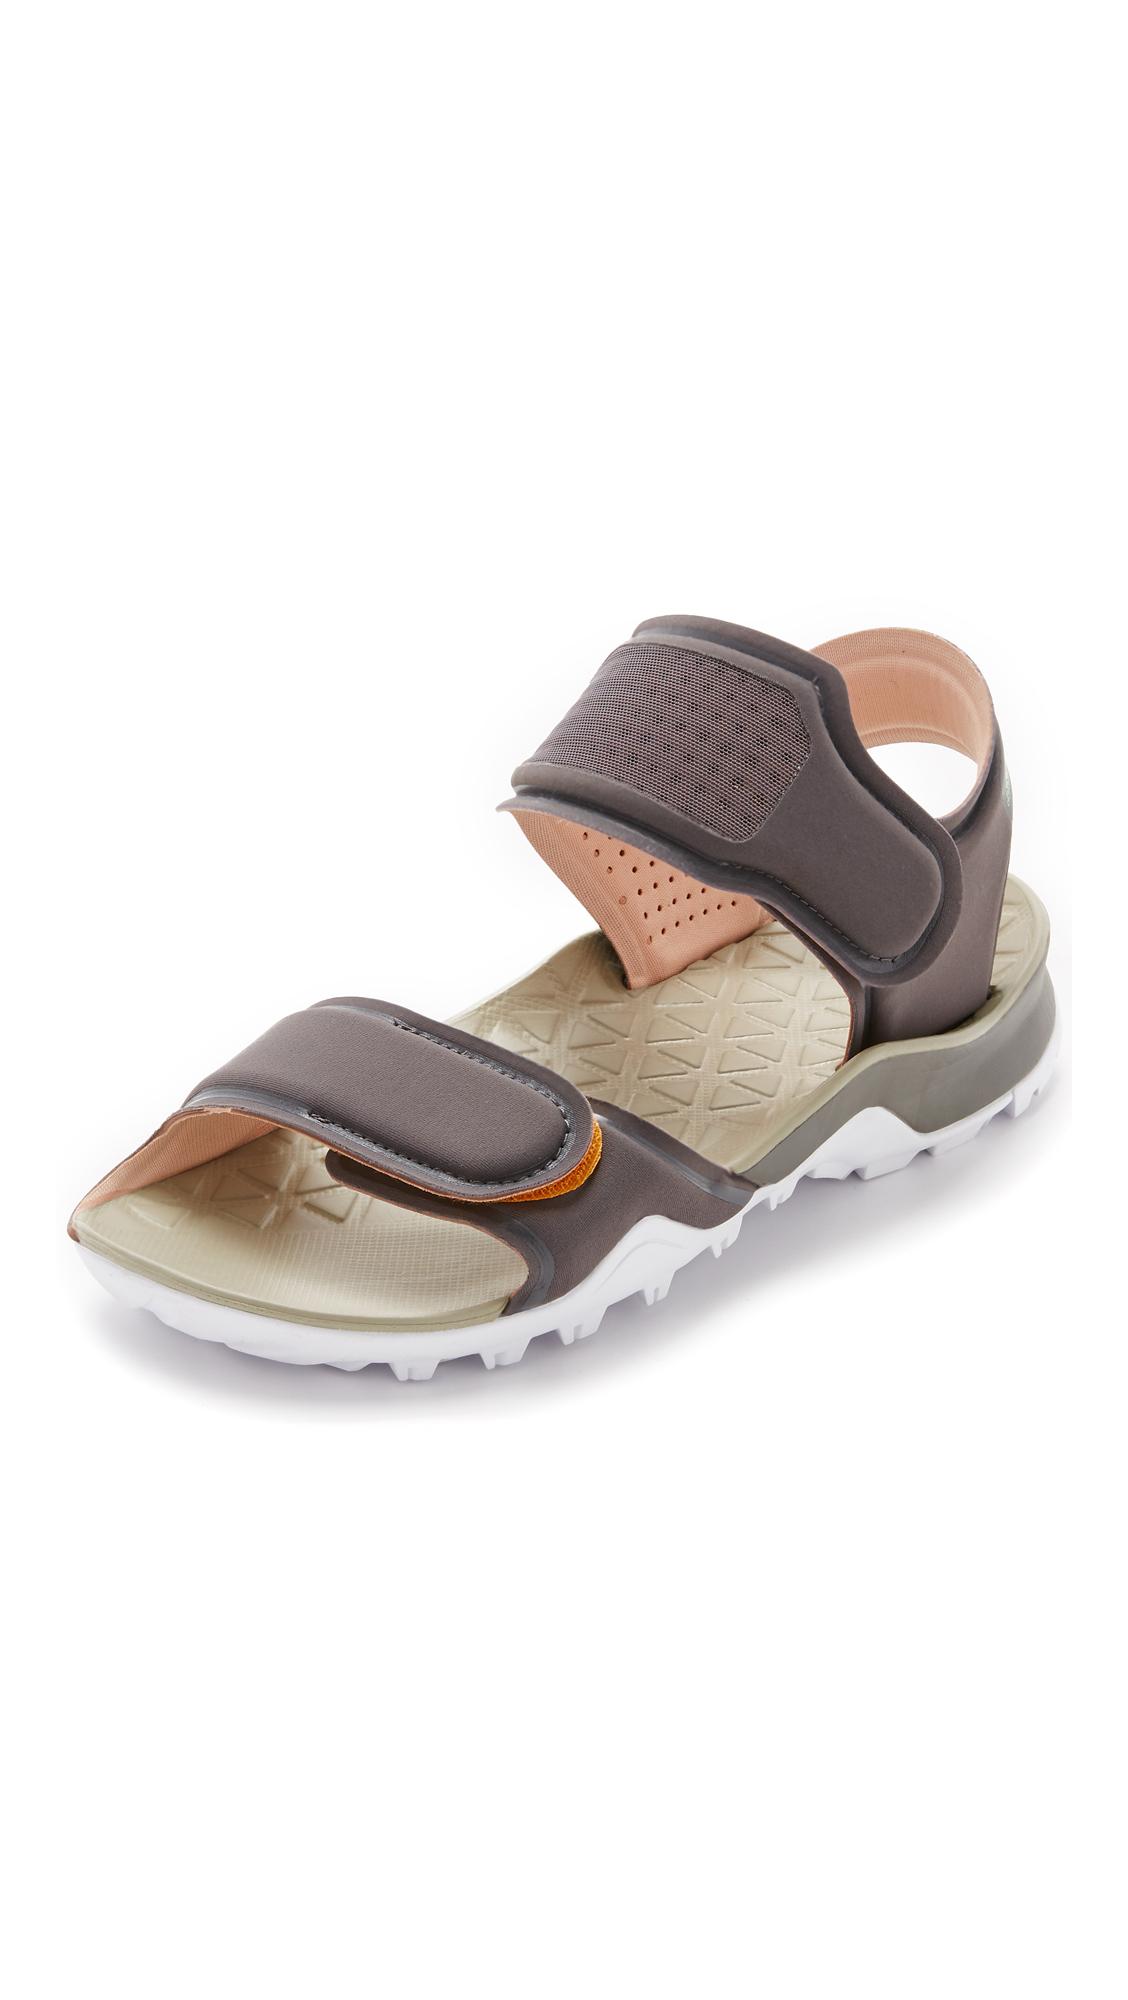 Adidas da stella mccartney hikira sandali in grigio lyst